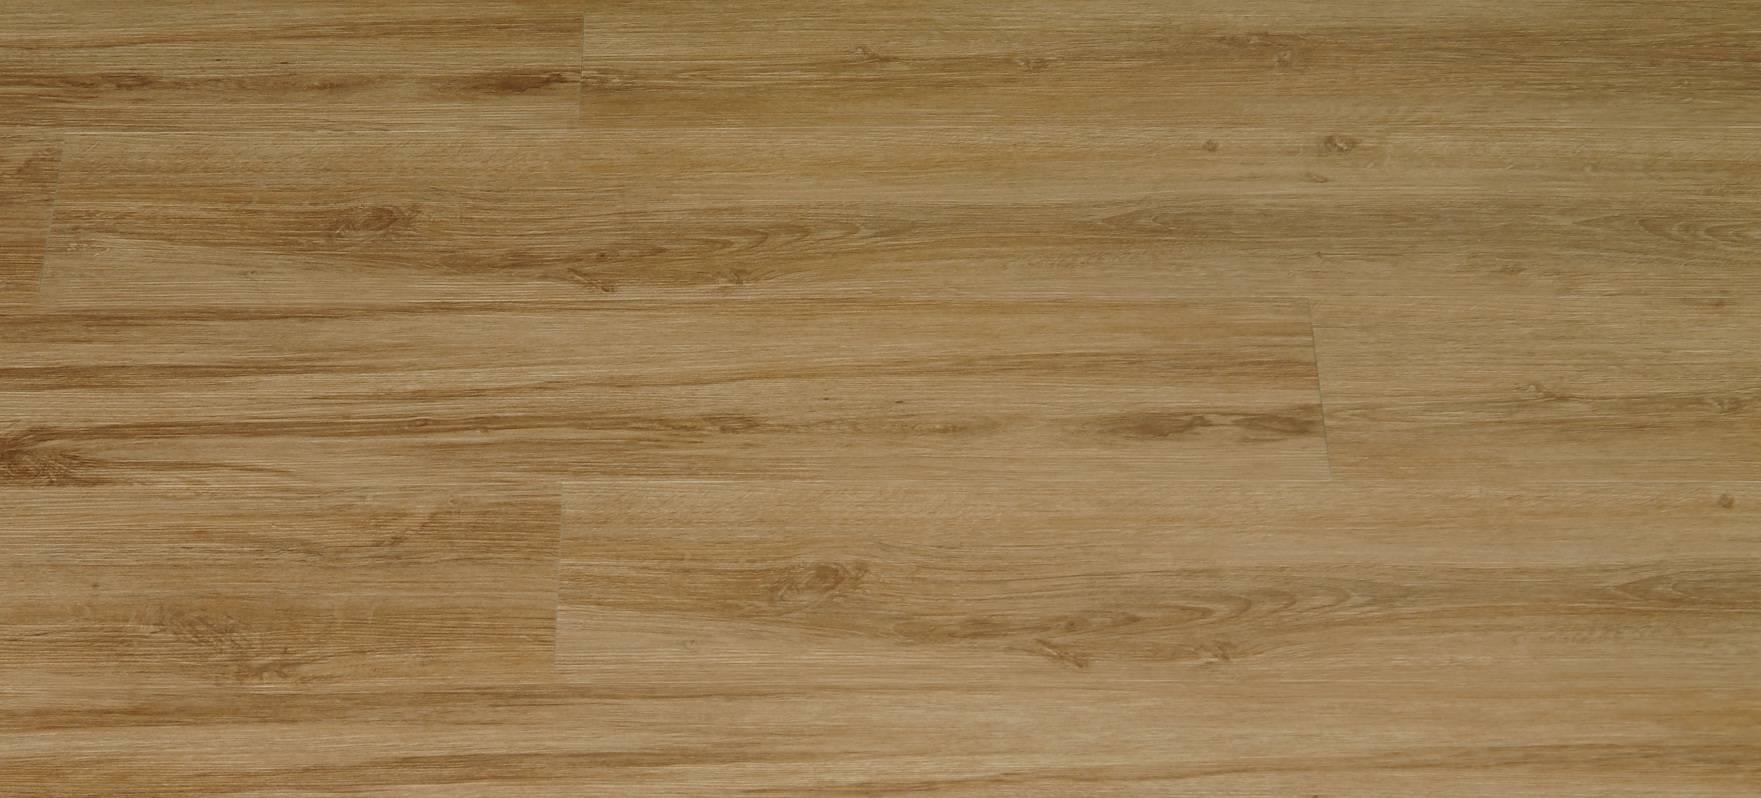 Unideco Luxury Vinyl Tile 6045